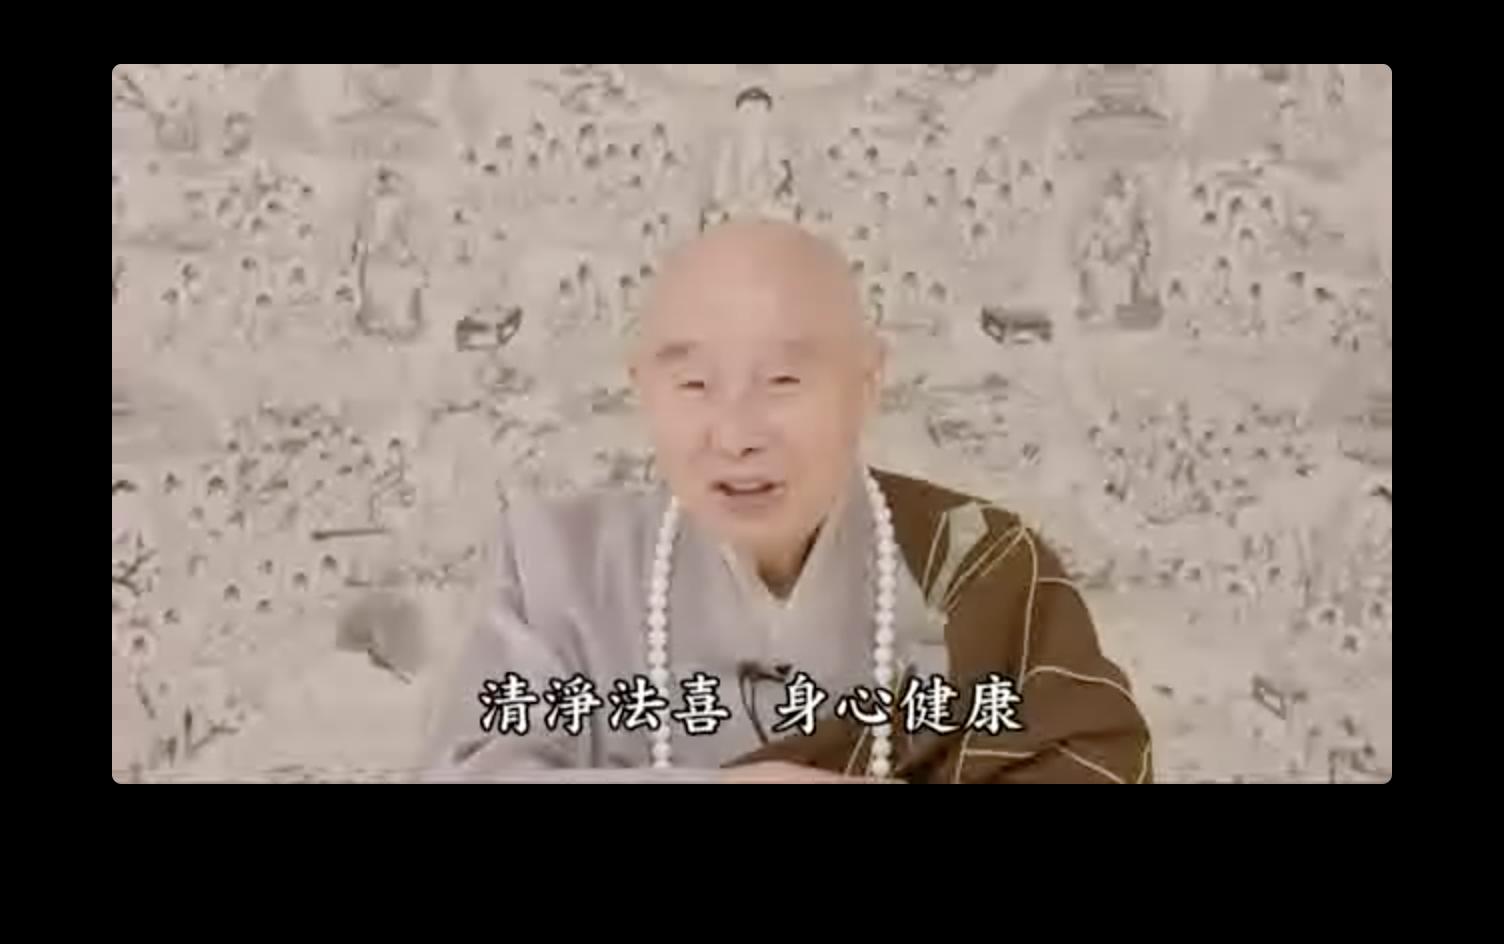 江東良一报导佛教经典名篇:净空法师讲佛经-怎样得到身心健康?